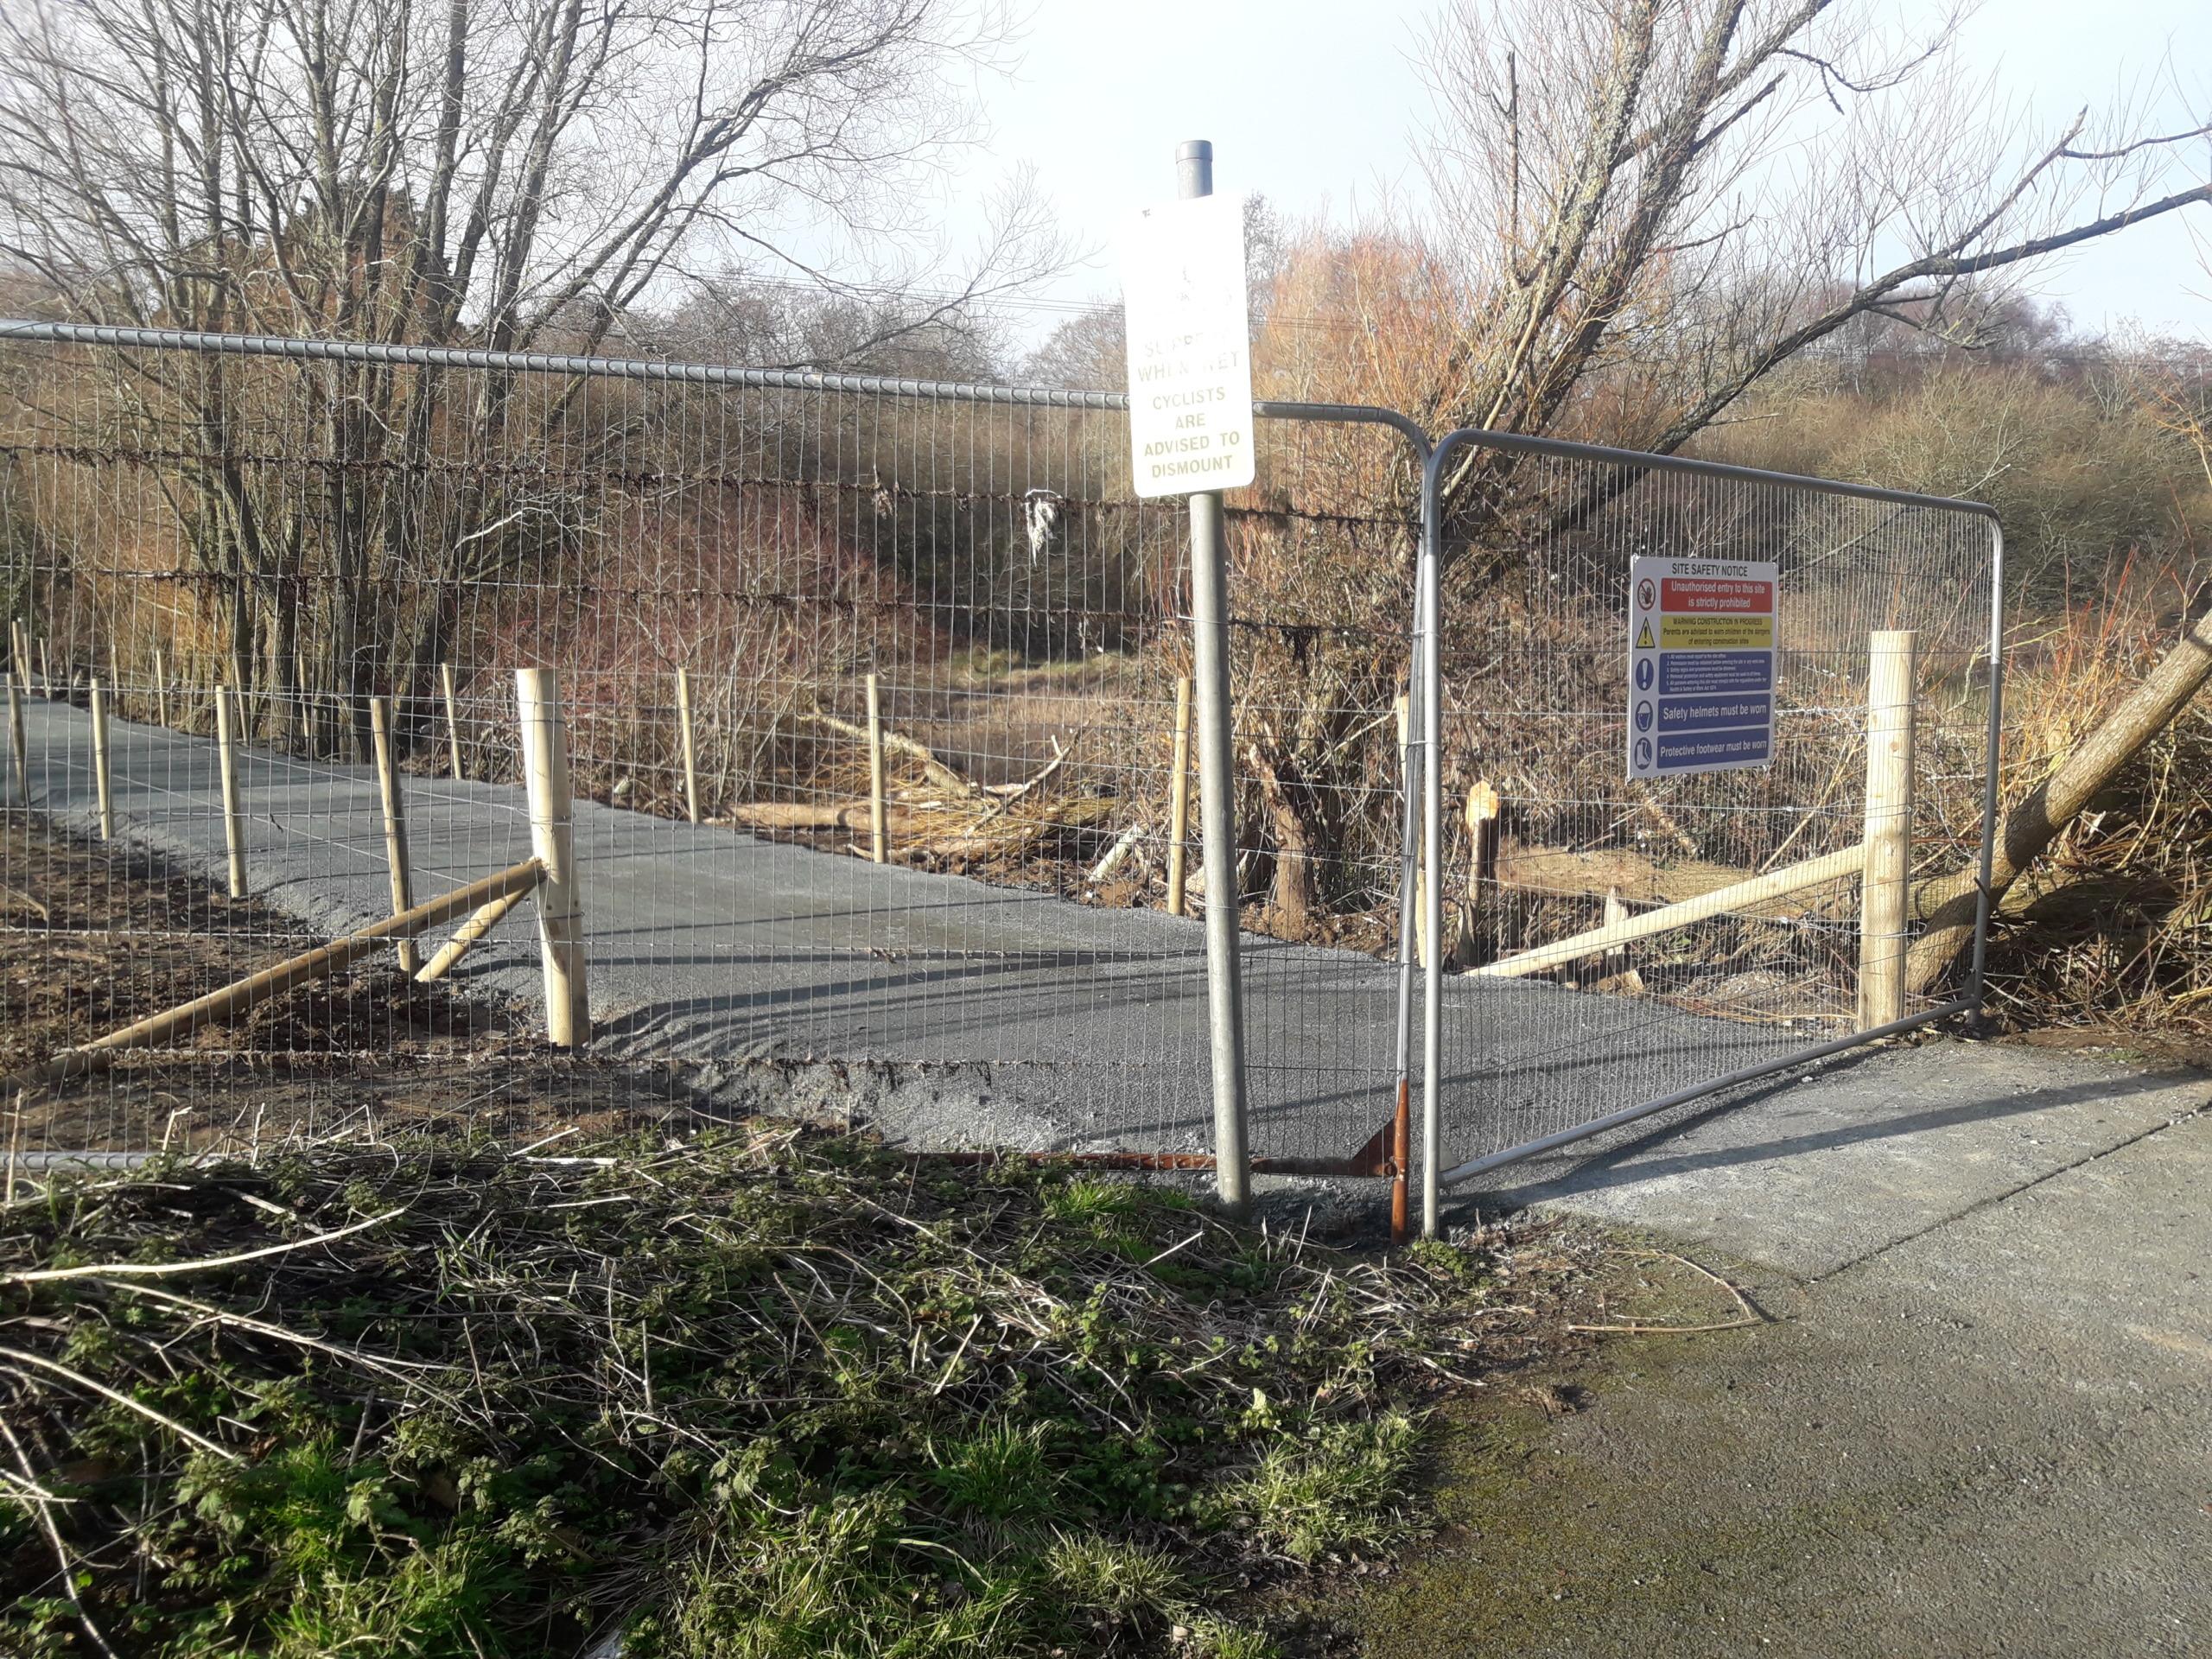 Fenced off path